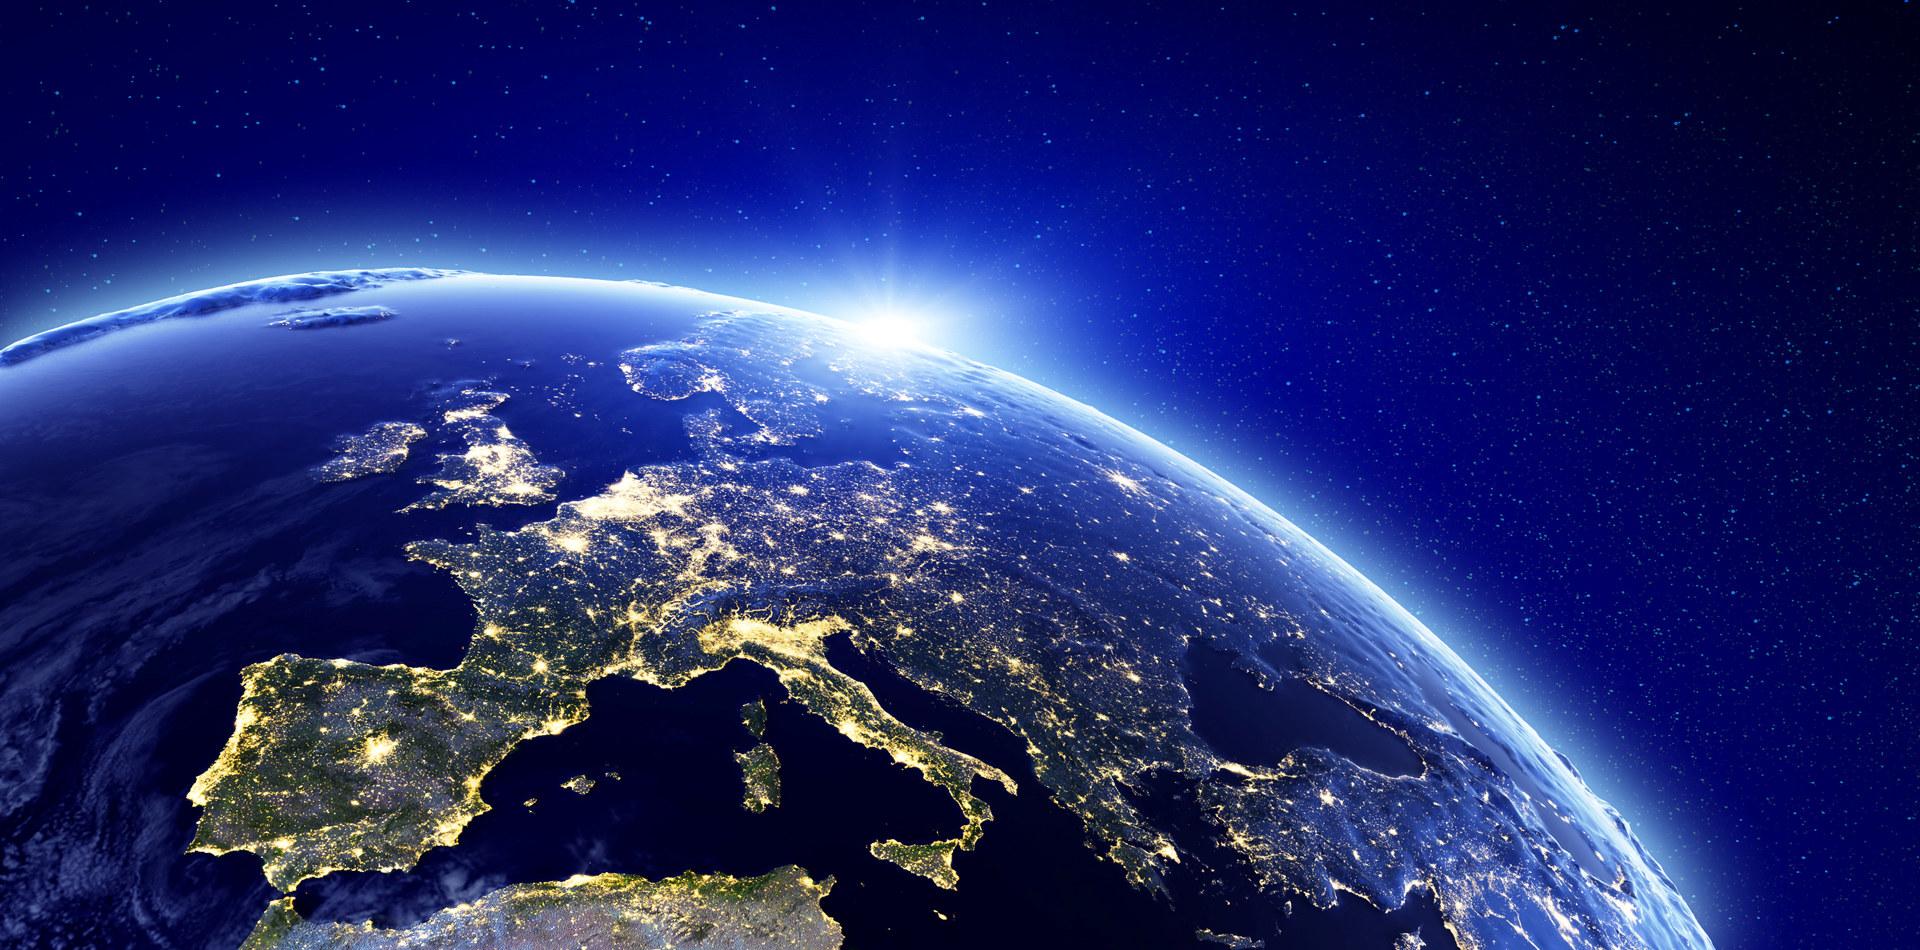 Europa sett fra rommet